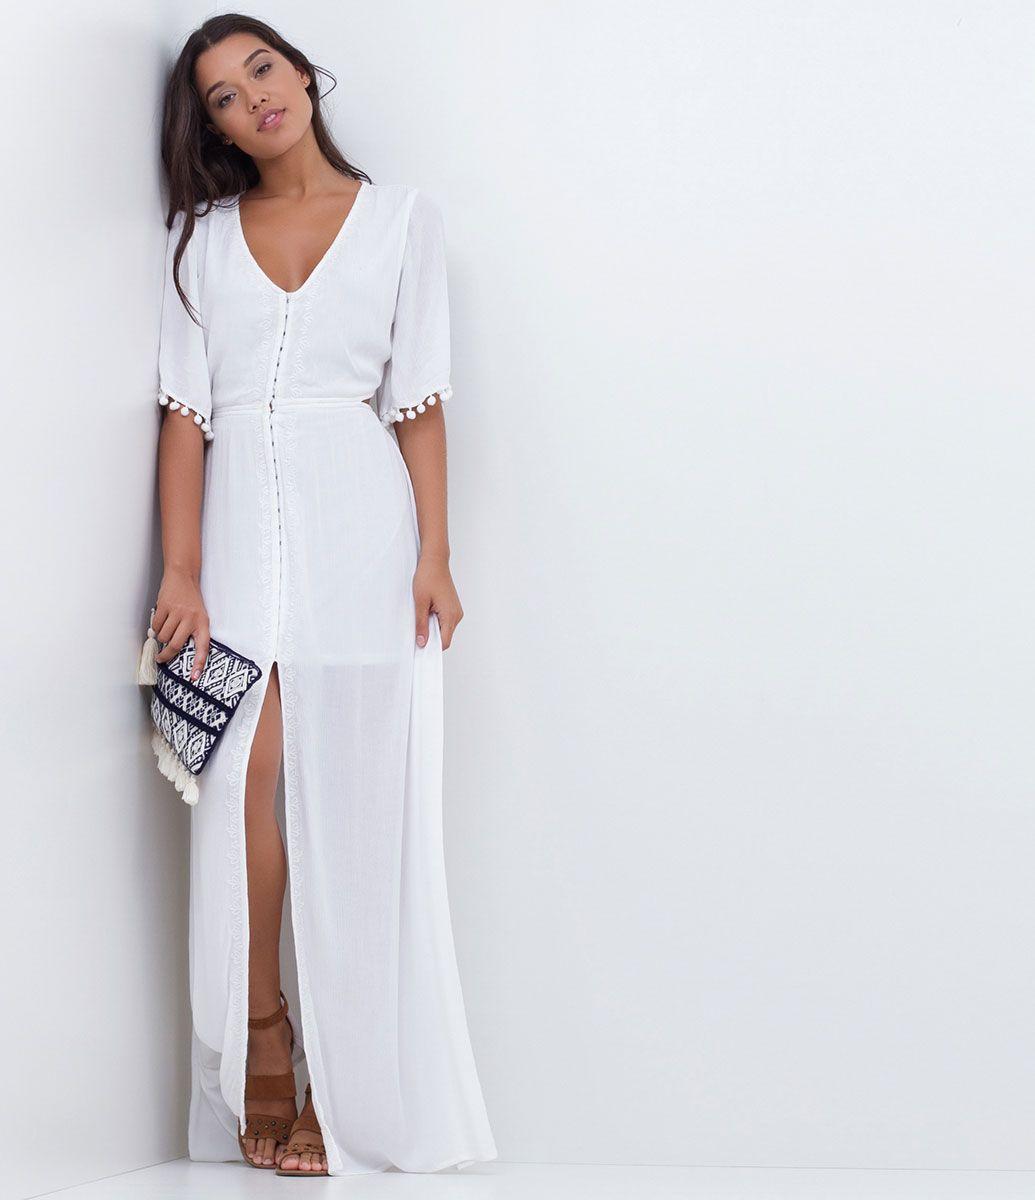 c3155dba9 Vestido feminino Modelo longo Sem mangas Com recortes Com bordado ...